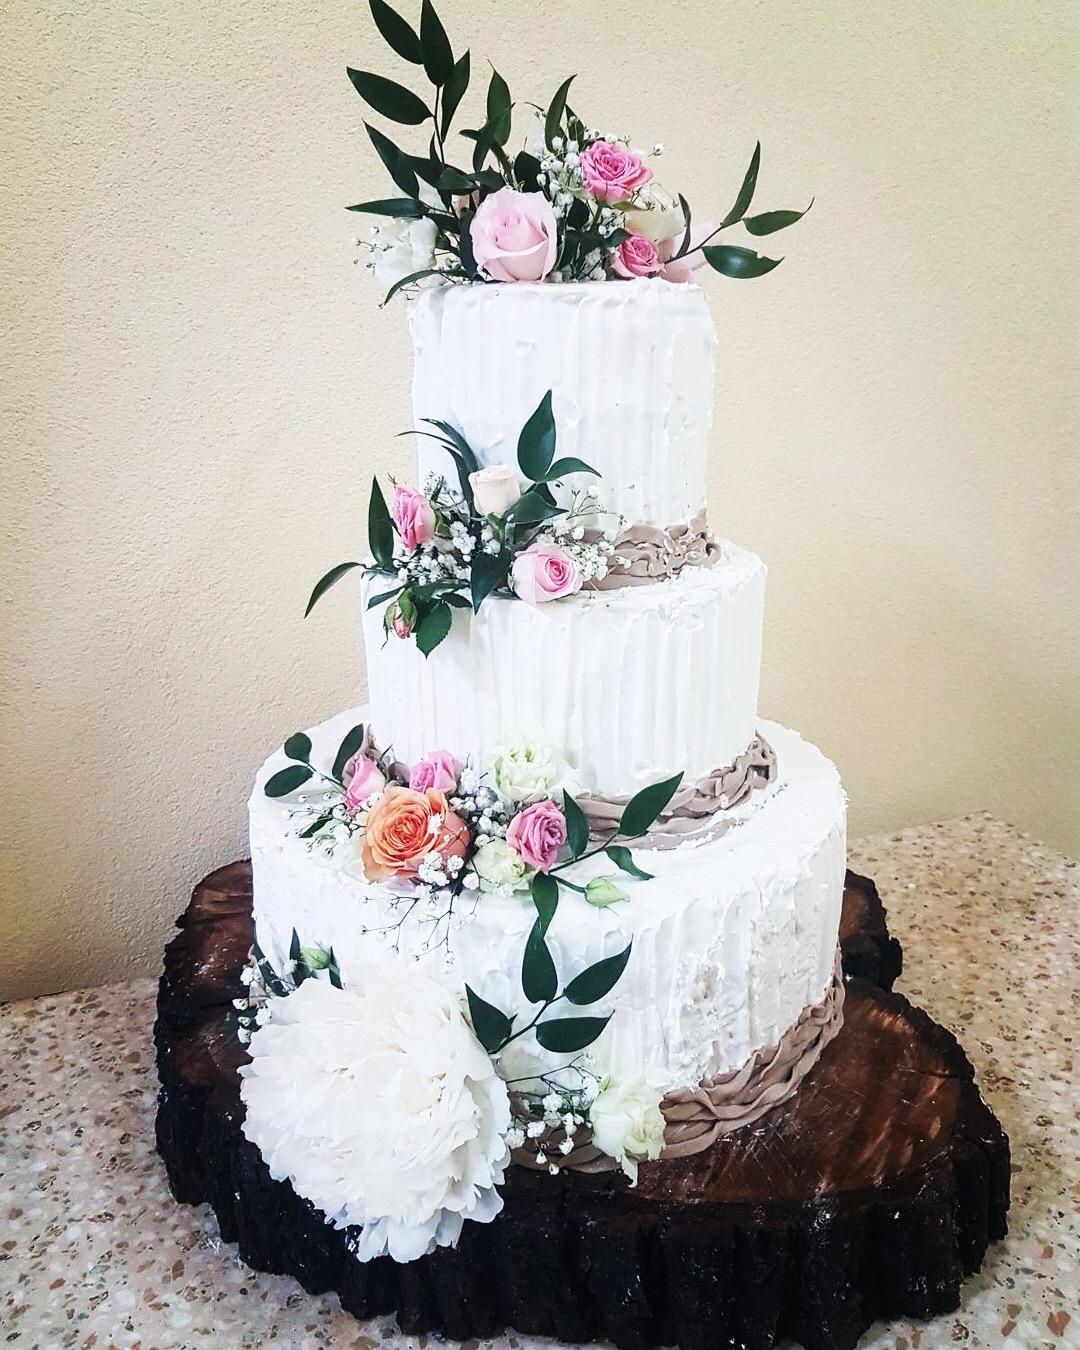 Tort Nunta Cu Flori Naturale Cofetaria Oli Torturi Si Prajituri